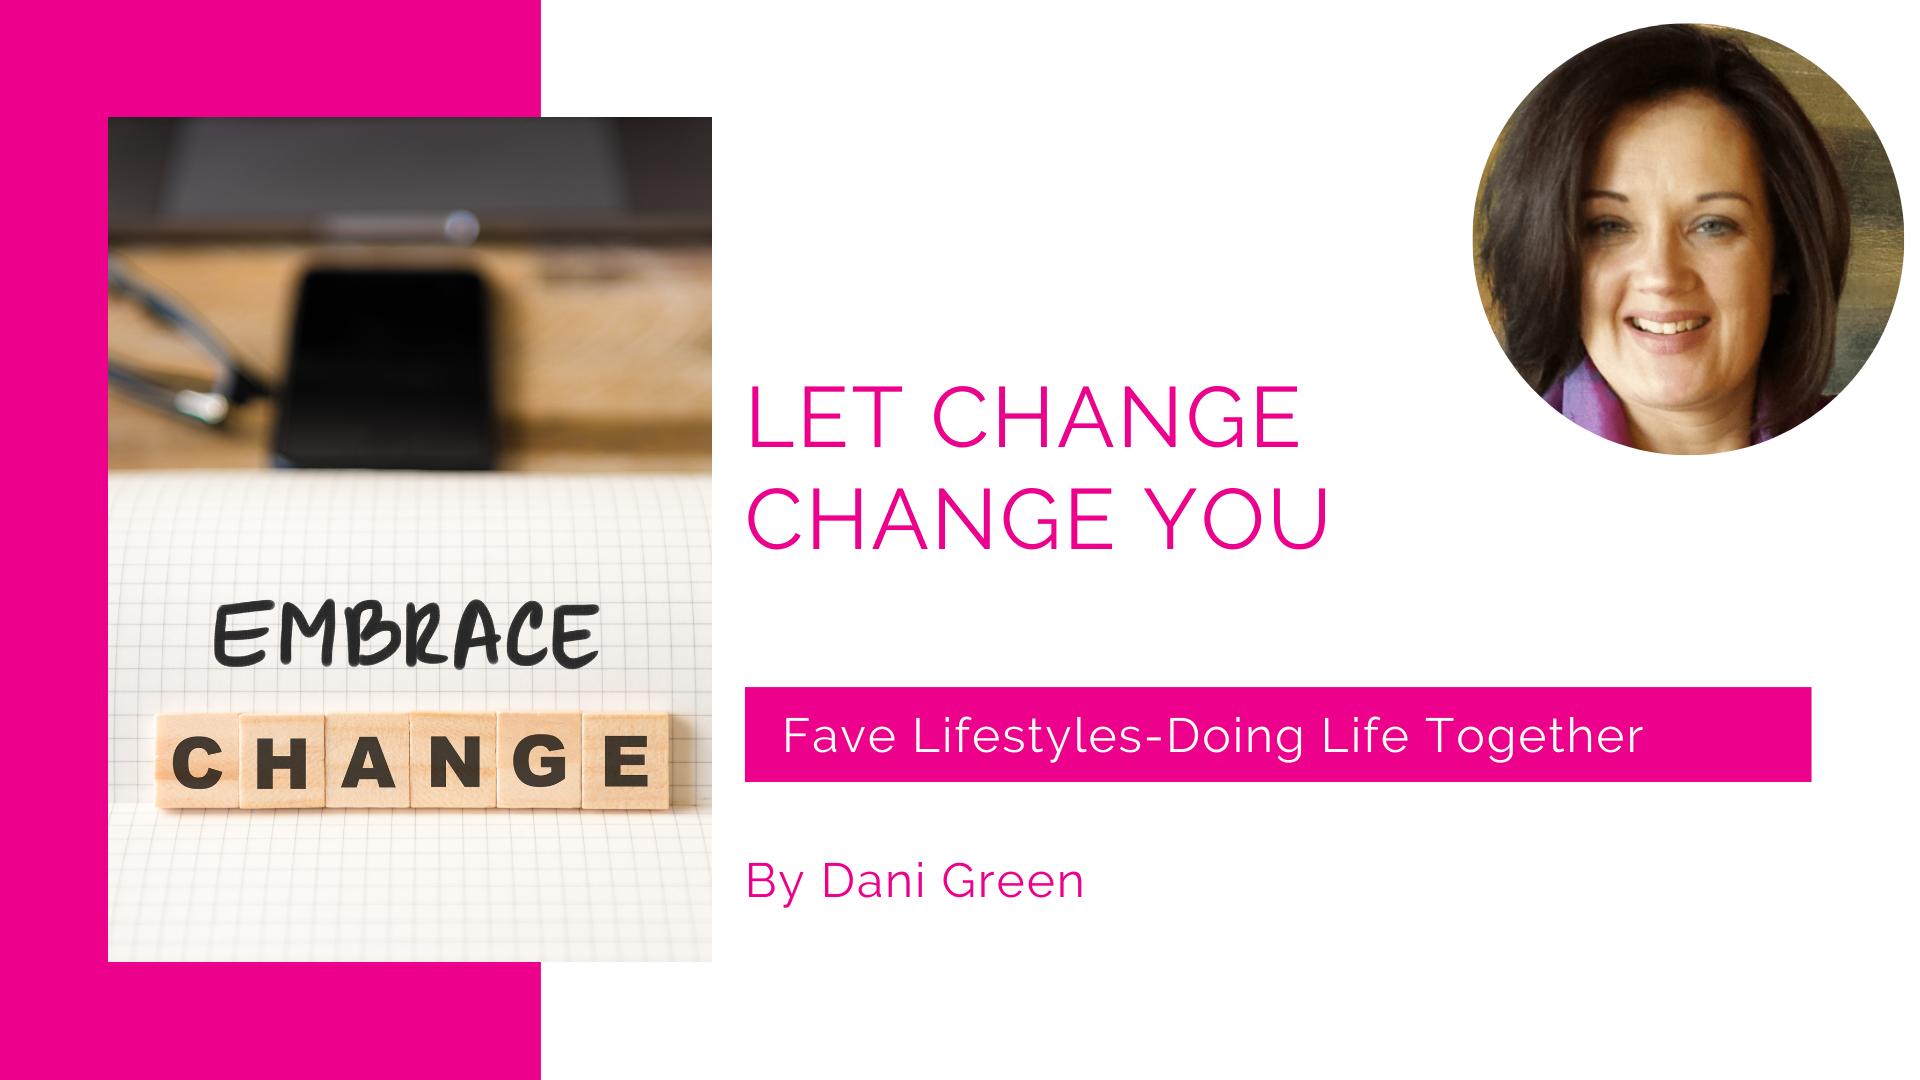 Let Change Change You